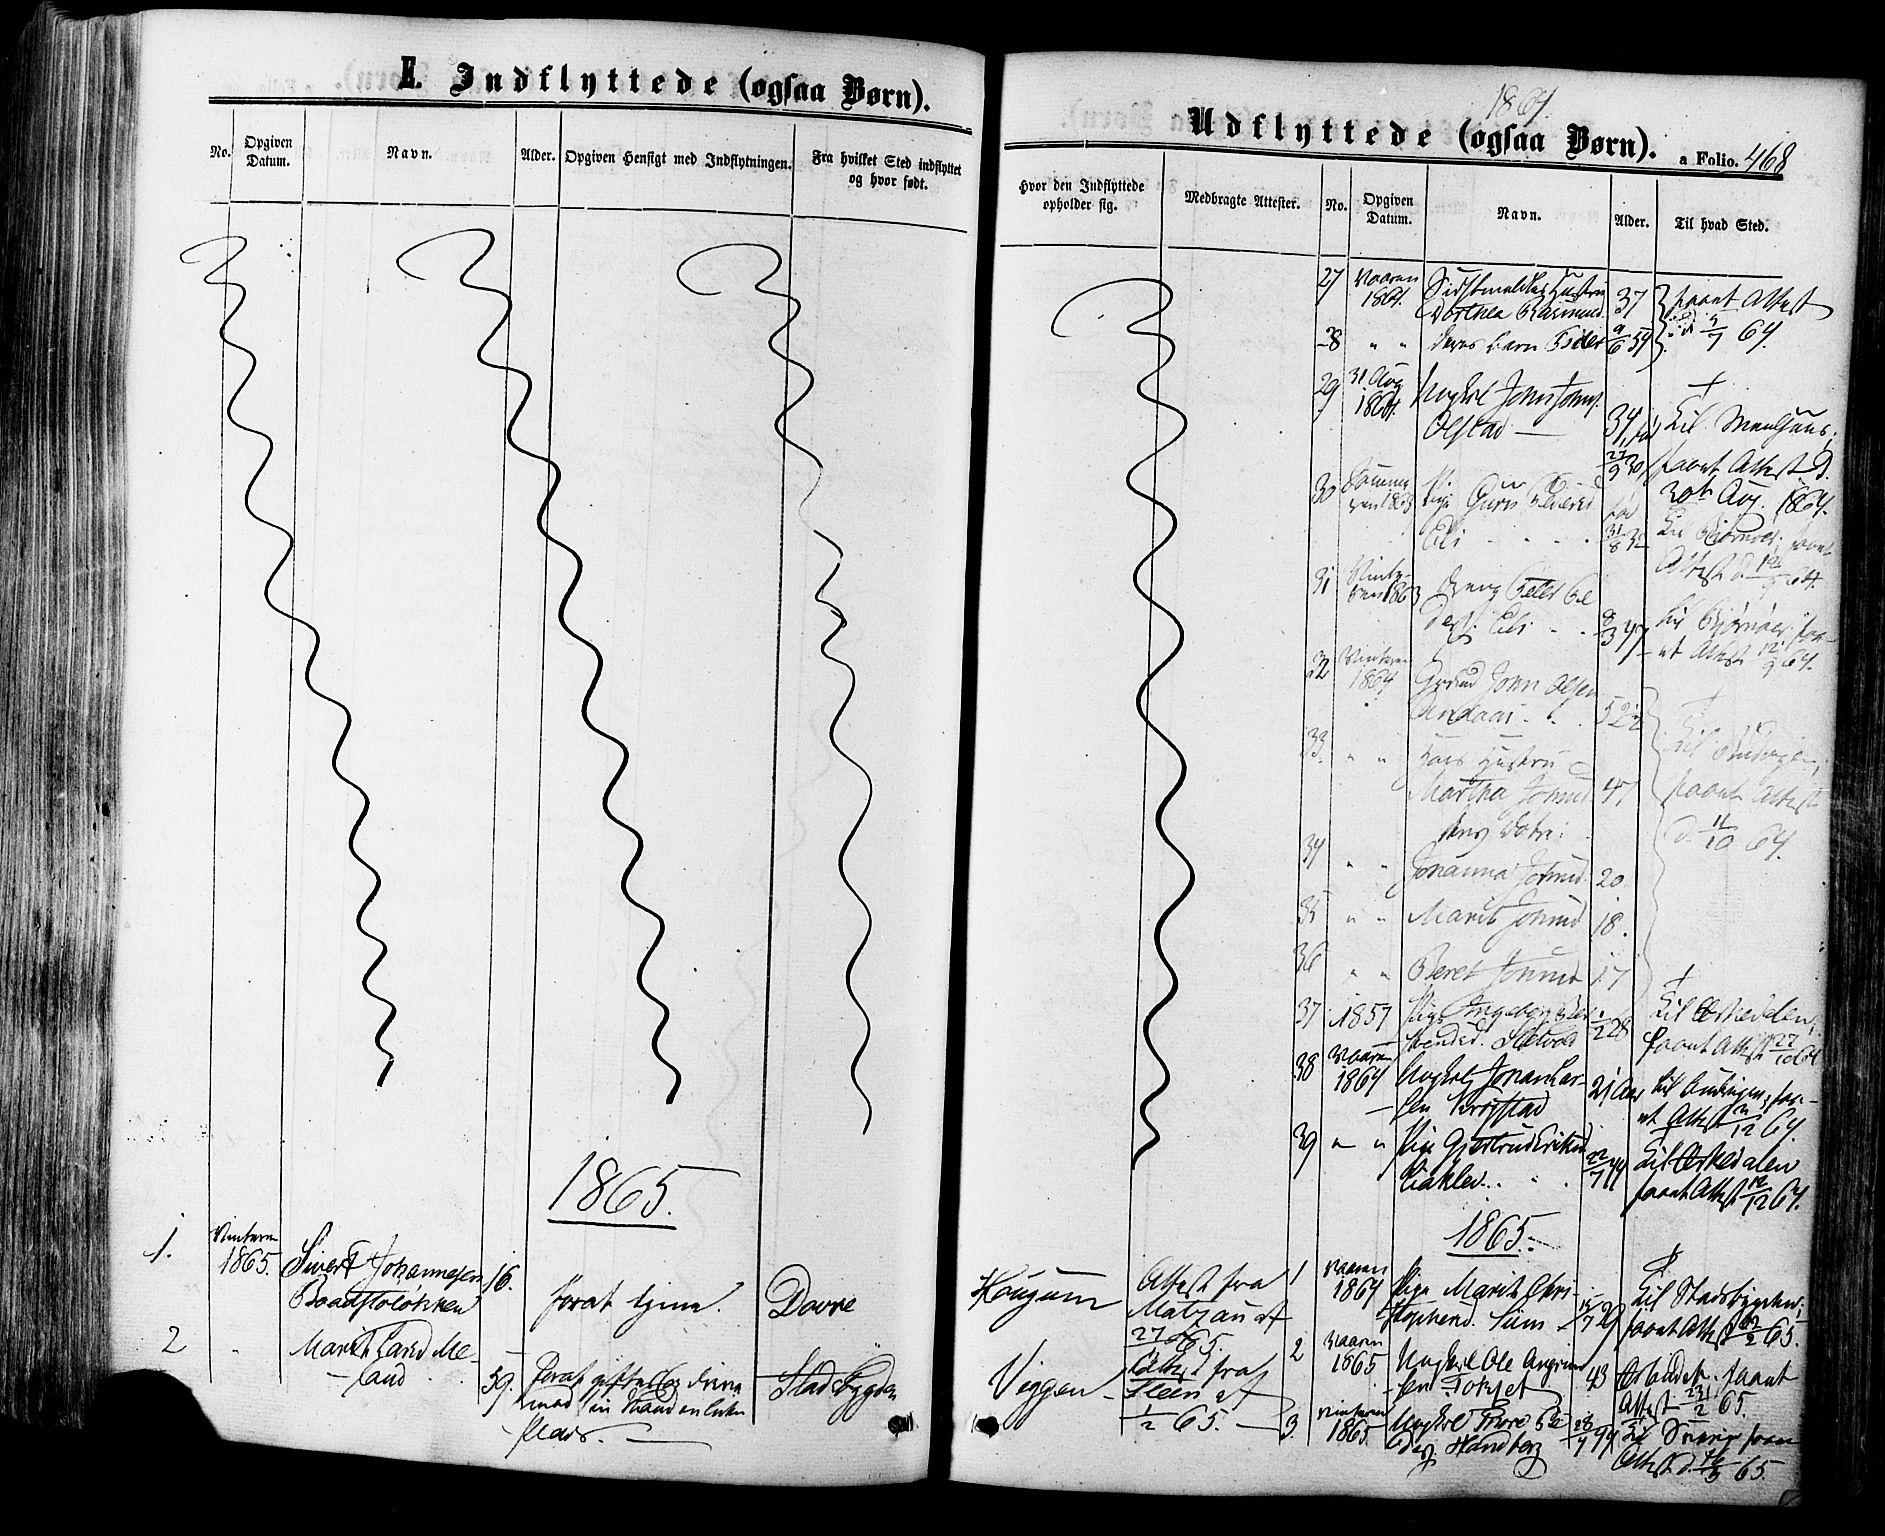 SAT, Ministerialprotokoller, klokkerbøker og fødselsregistre - Sør-Trøndelag, 665/L0772: Ministerialbok nr. 665A07, 1856-1878, s. 468